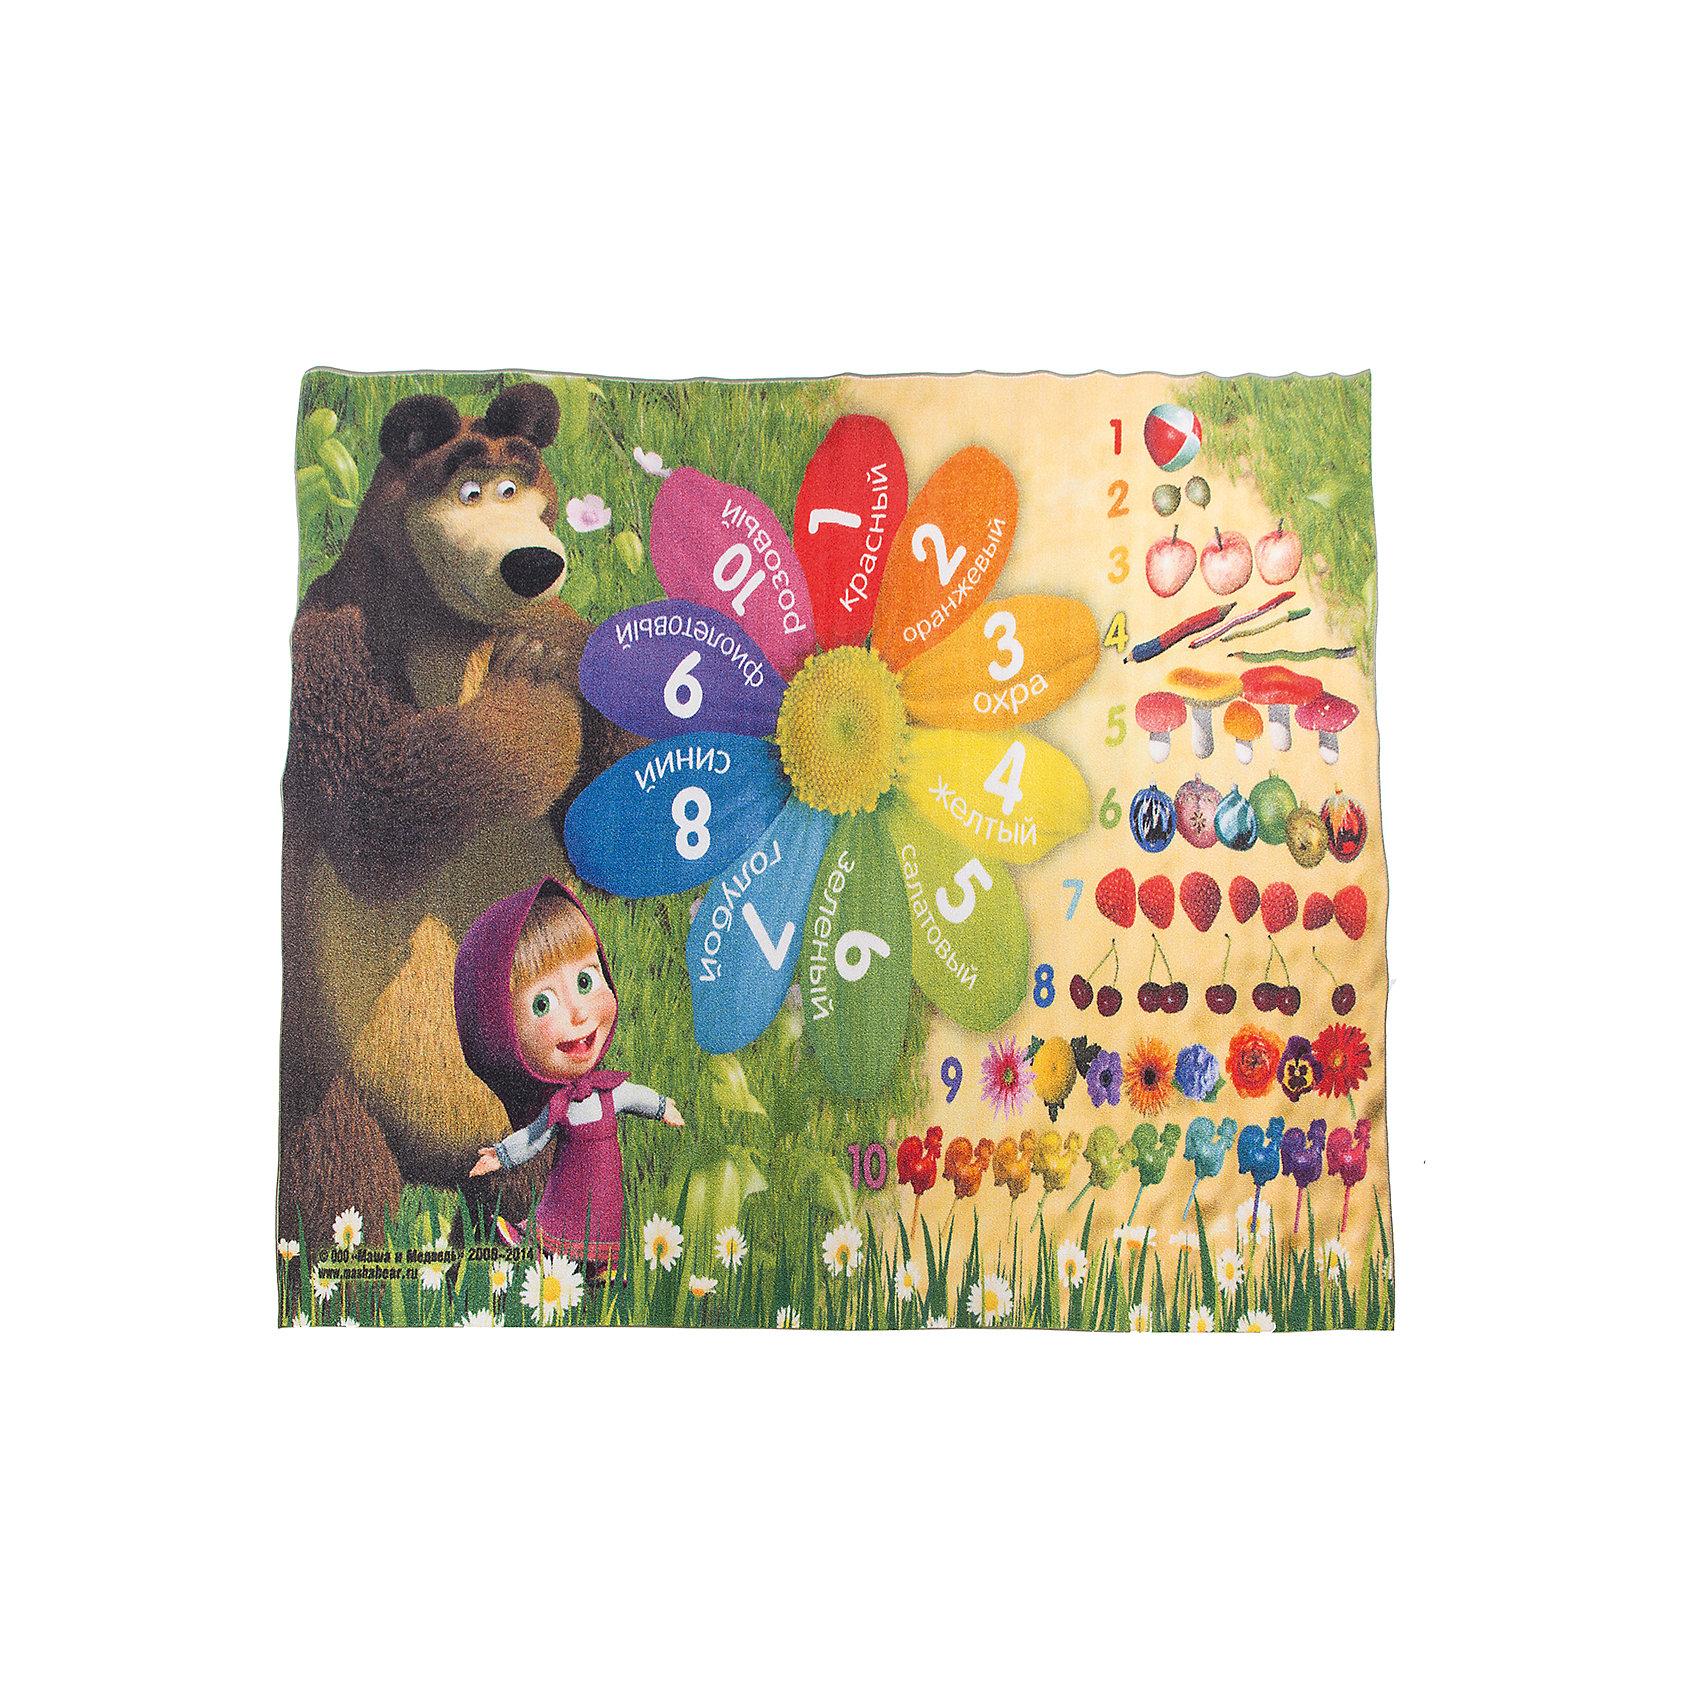 Ковер Цифры и счет 133*195 см, Маша и МедведьКовры<br>Ковер Цифры и счет 133*195 см, Маша и Медведь – яркий развивающий ковер, за которым легко ухаживать сделает уютной комнату вашего ребенка.<br>Красочный ковер «Цифры и счет» с героями мультсериала «Маша и Медведь» не только украсит комнату вашего ребенка, но и в игровой форме познакомит с цифрами, цветом и поможет овладеть первоначальными навыками счета. Качественный яркий рисунок детского ковра не выгорает, устойчив к истиранию. Ковер очень практичный, изготовлен из безопасных и высококачественных синтетических материалов. Пыль и грязь не забивается глубоко внутрь ворса, что существенно облегчает уход за изделием, а латексная основа не скользит по полу. По краям ковер аккуратно обшит. Небольшой вес позволит без труда перемещать ковер в разные места комнаты и легко производить уборку под ковром.<br><br>Дополнительная информация:<br><br>- Размер: 133х195 см.<br>- Высота ворса: 5 мм.<br>- Вес ковра: 1,3 кг/м2<br>- Плотность ворса: 290000 точек на м?<br>- Состав ворса: 100% полиамид<br>- Состав основы: гелиевая<br>- Цвет: разноцветный<br>- Вид производства: машинное<br><br>Ковер Цифры и счет 133*195 см, Маша и Медведь можно купить в нашем интернет-магазине.<br><br>Ширина мм: 300<br>Глубина мм: 300<br>Высота мм: 1330<br>Вес г: 3112<br>Цвет: mehrfarbig<br>Возраст от месяцев: 36<br>Возраст до месяцев: 120<br>Пол: Унисекс<br>Возраст: Детский<br>SKU: 4466029